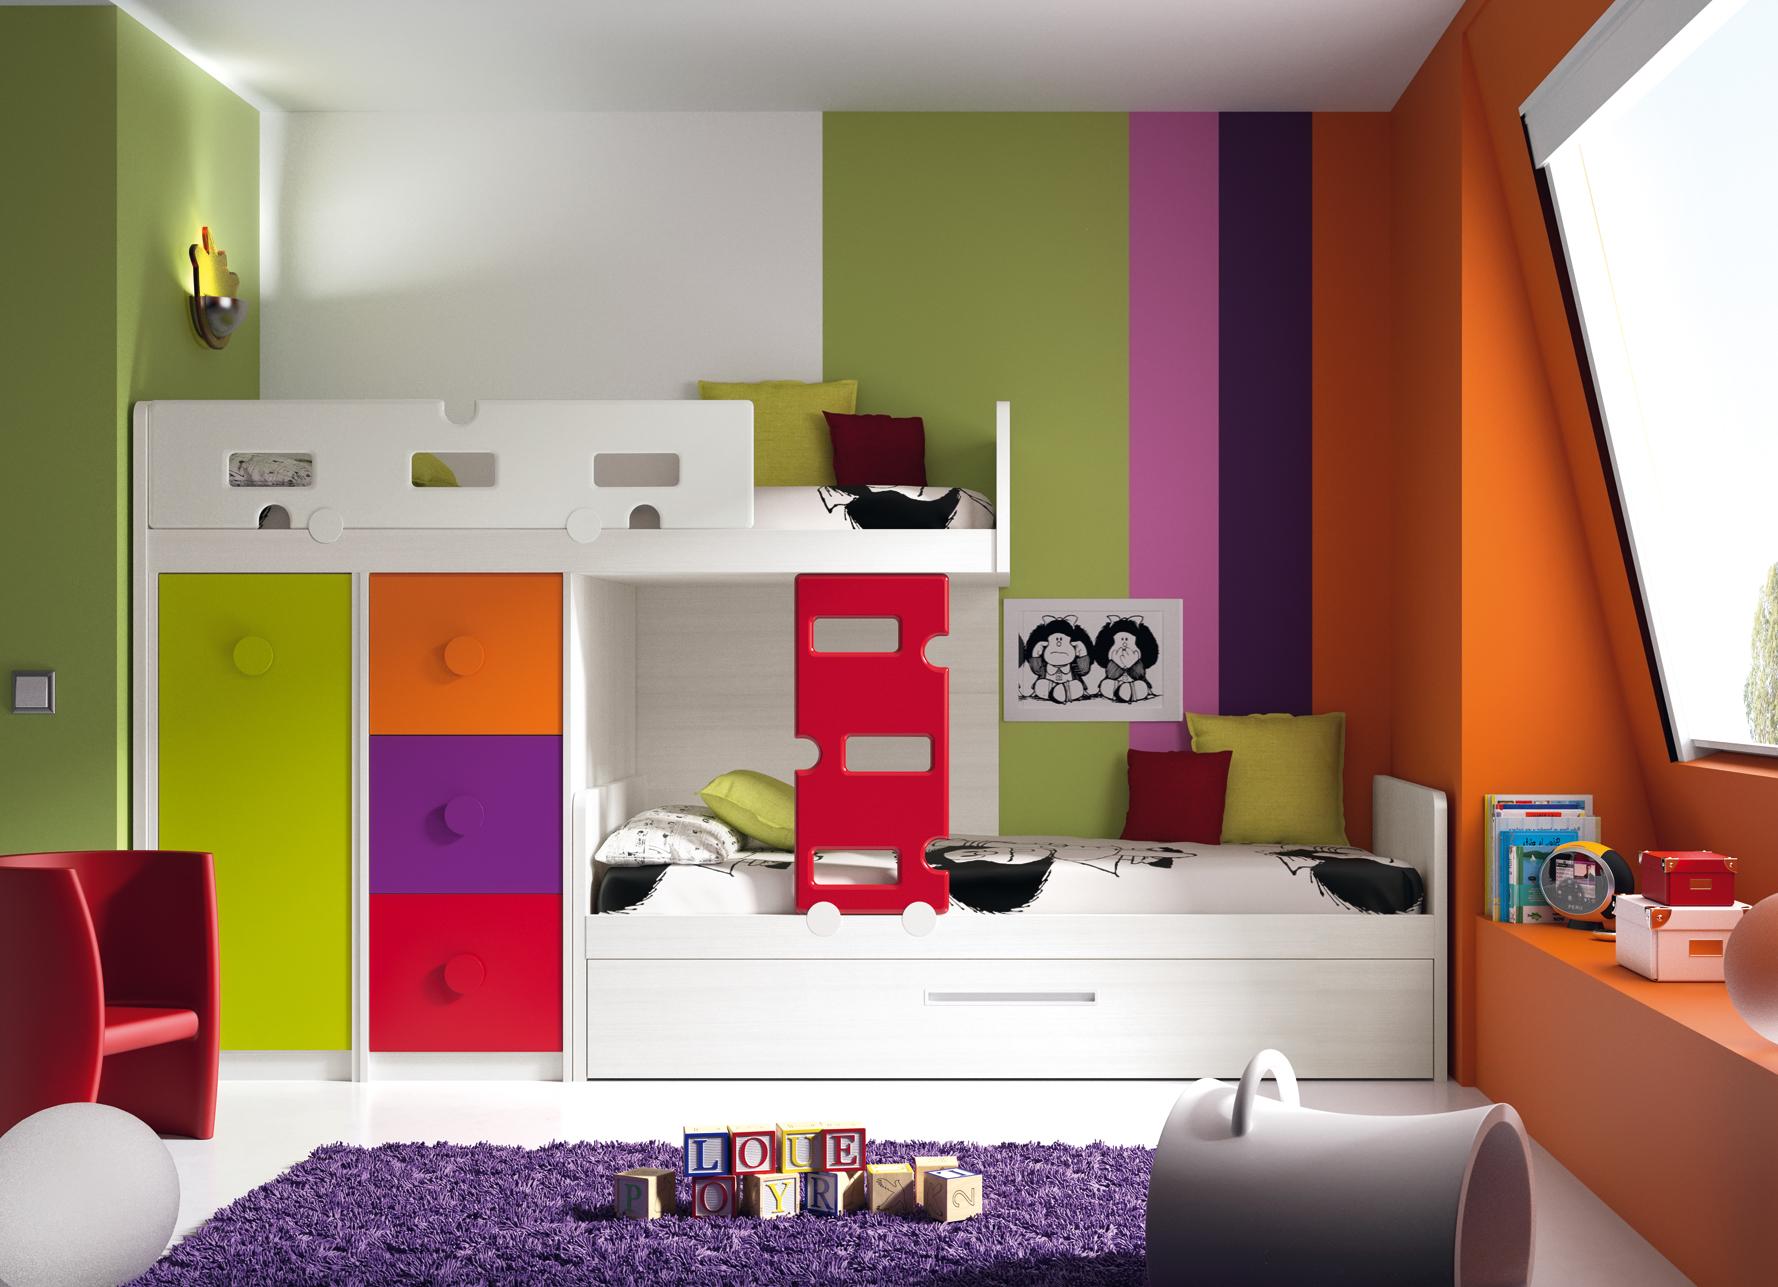 Muebles ortiz alucina con los mejores precios for Precios de dormitorios